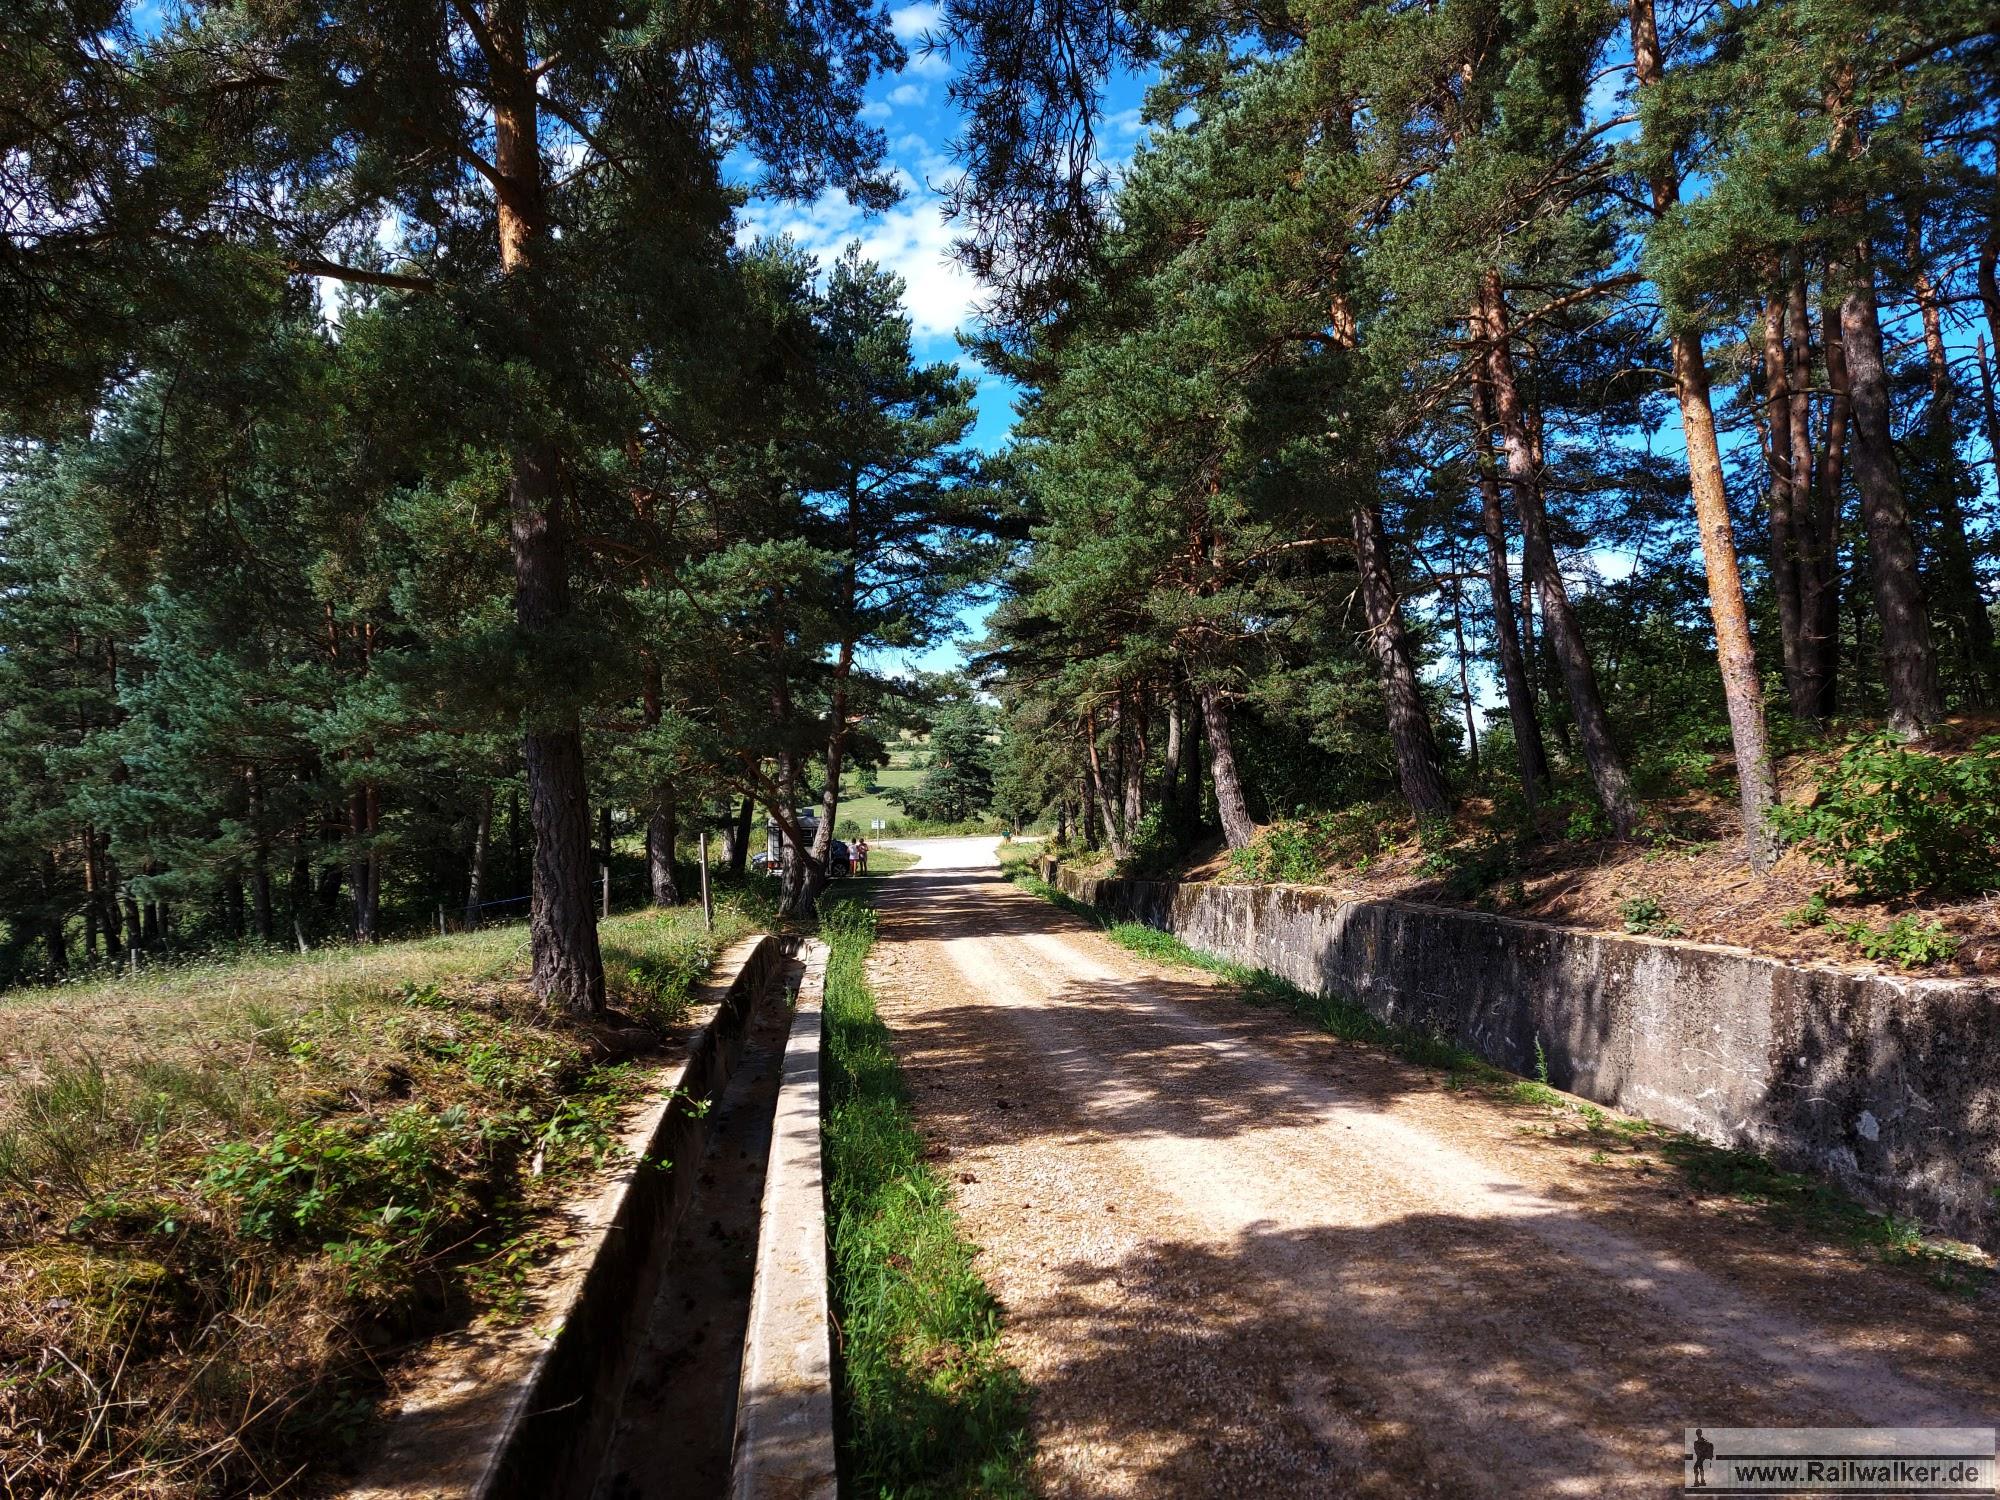 Wieder verläuft der Bahndamm durch den Wald. Viel Aufwand wurde in die Entwässerung der seitlichen Gräben gesteckt.